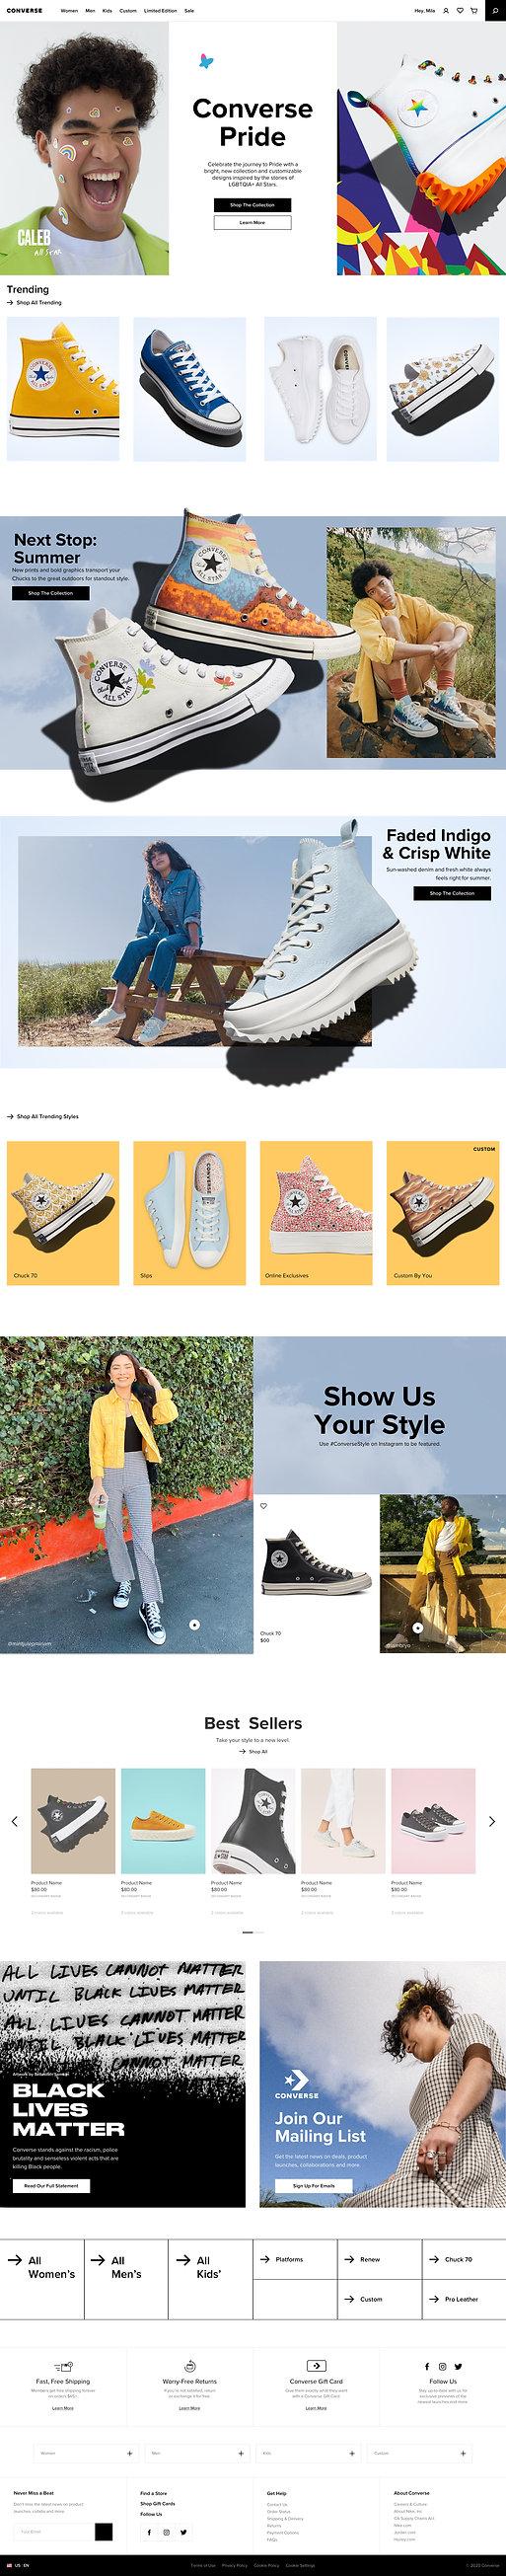 D-Homepage-May-Refresh-2@2x.jpg